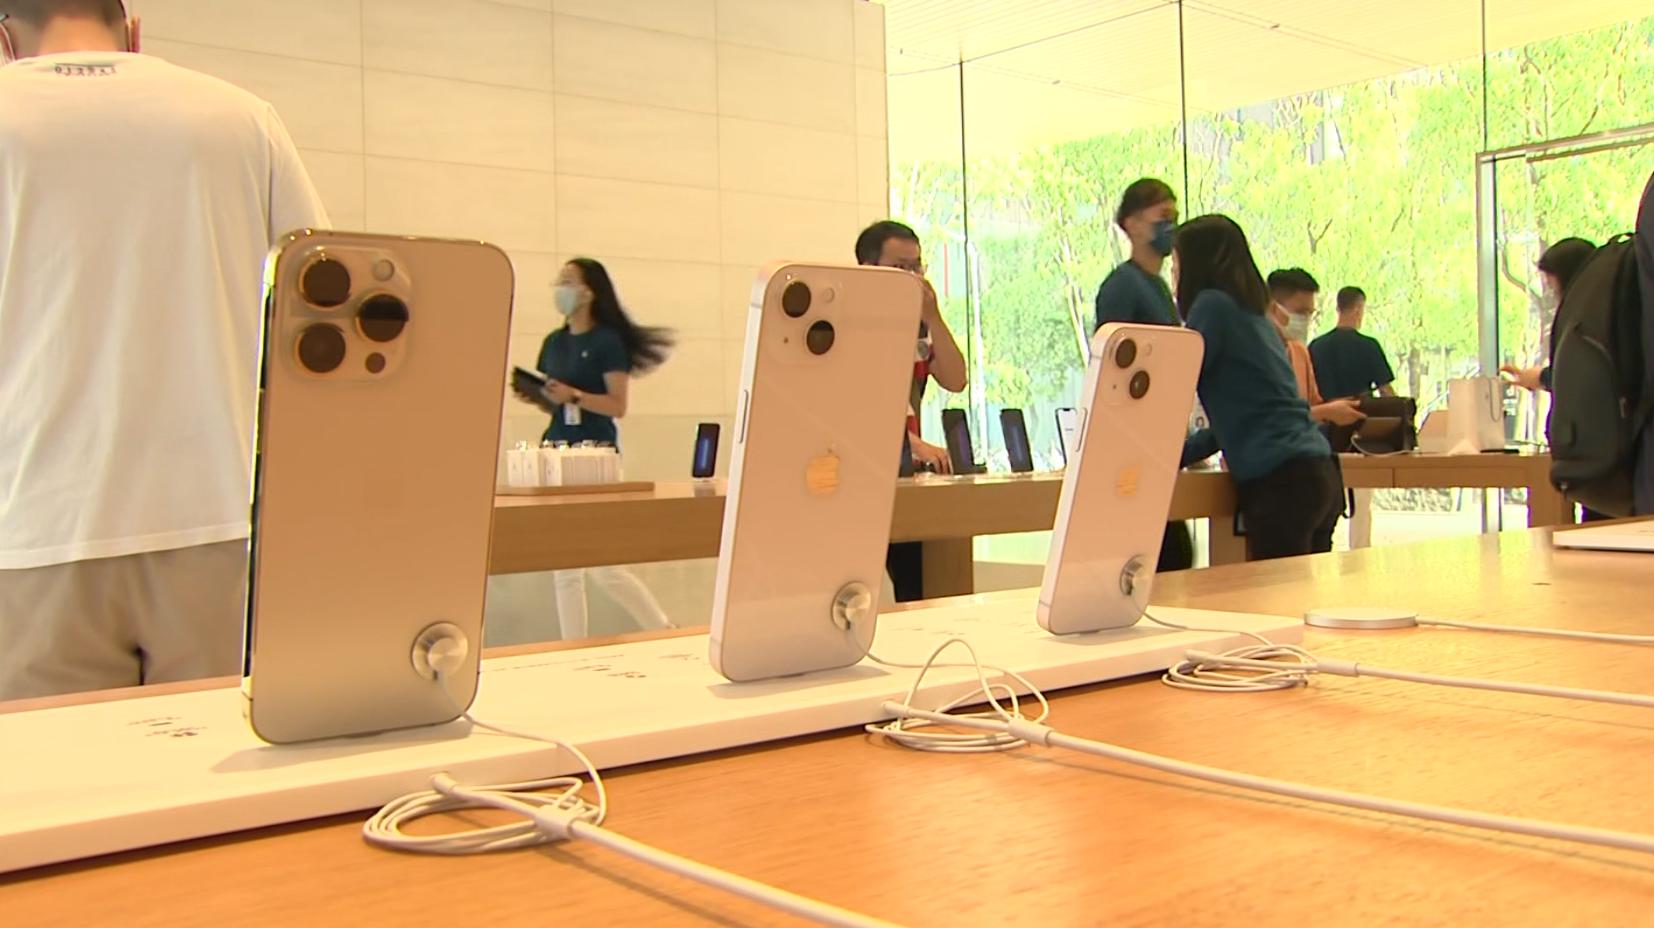 iPhone13正式開賣! 果粉「排一夜」搶頭香 拿新機急開箱